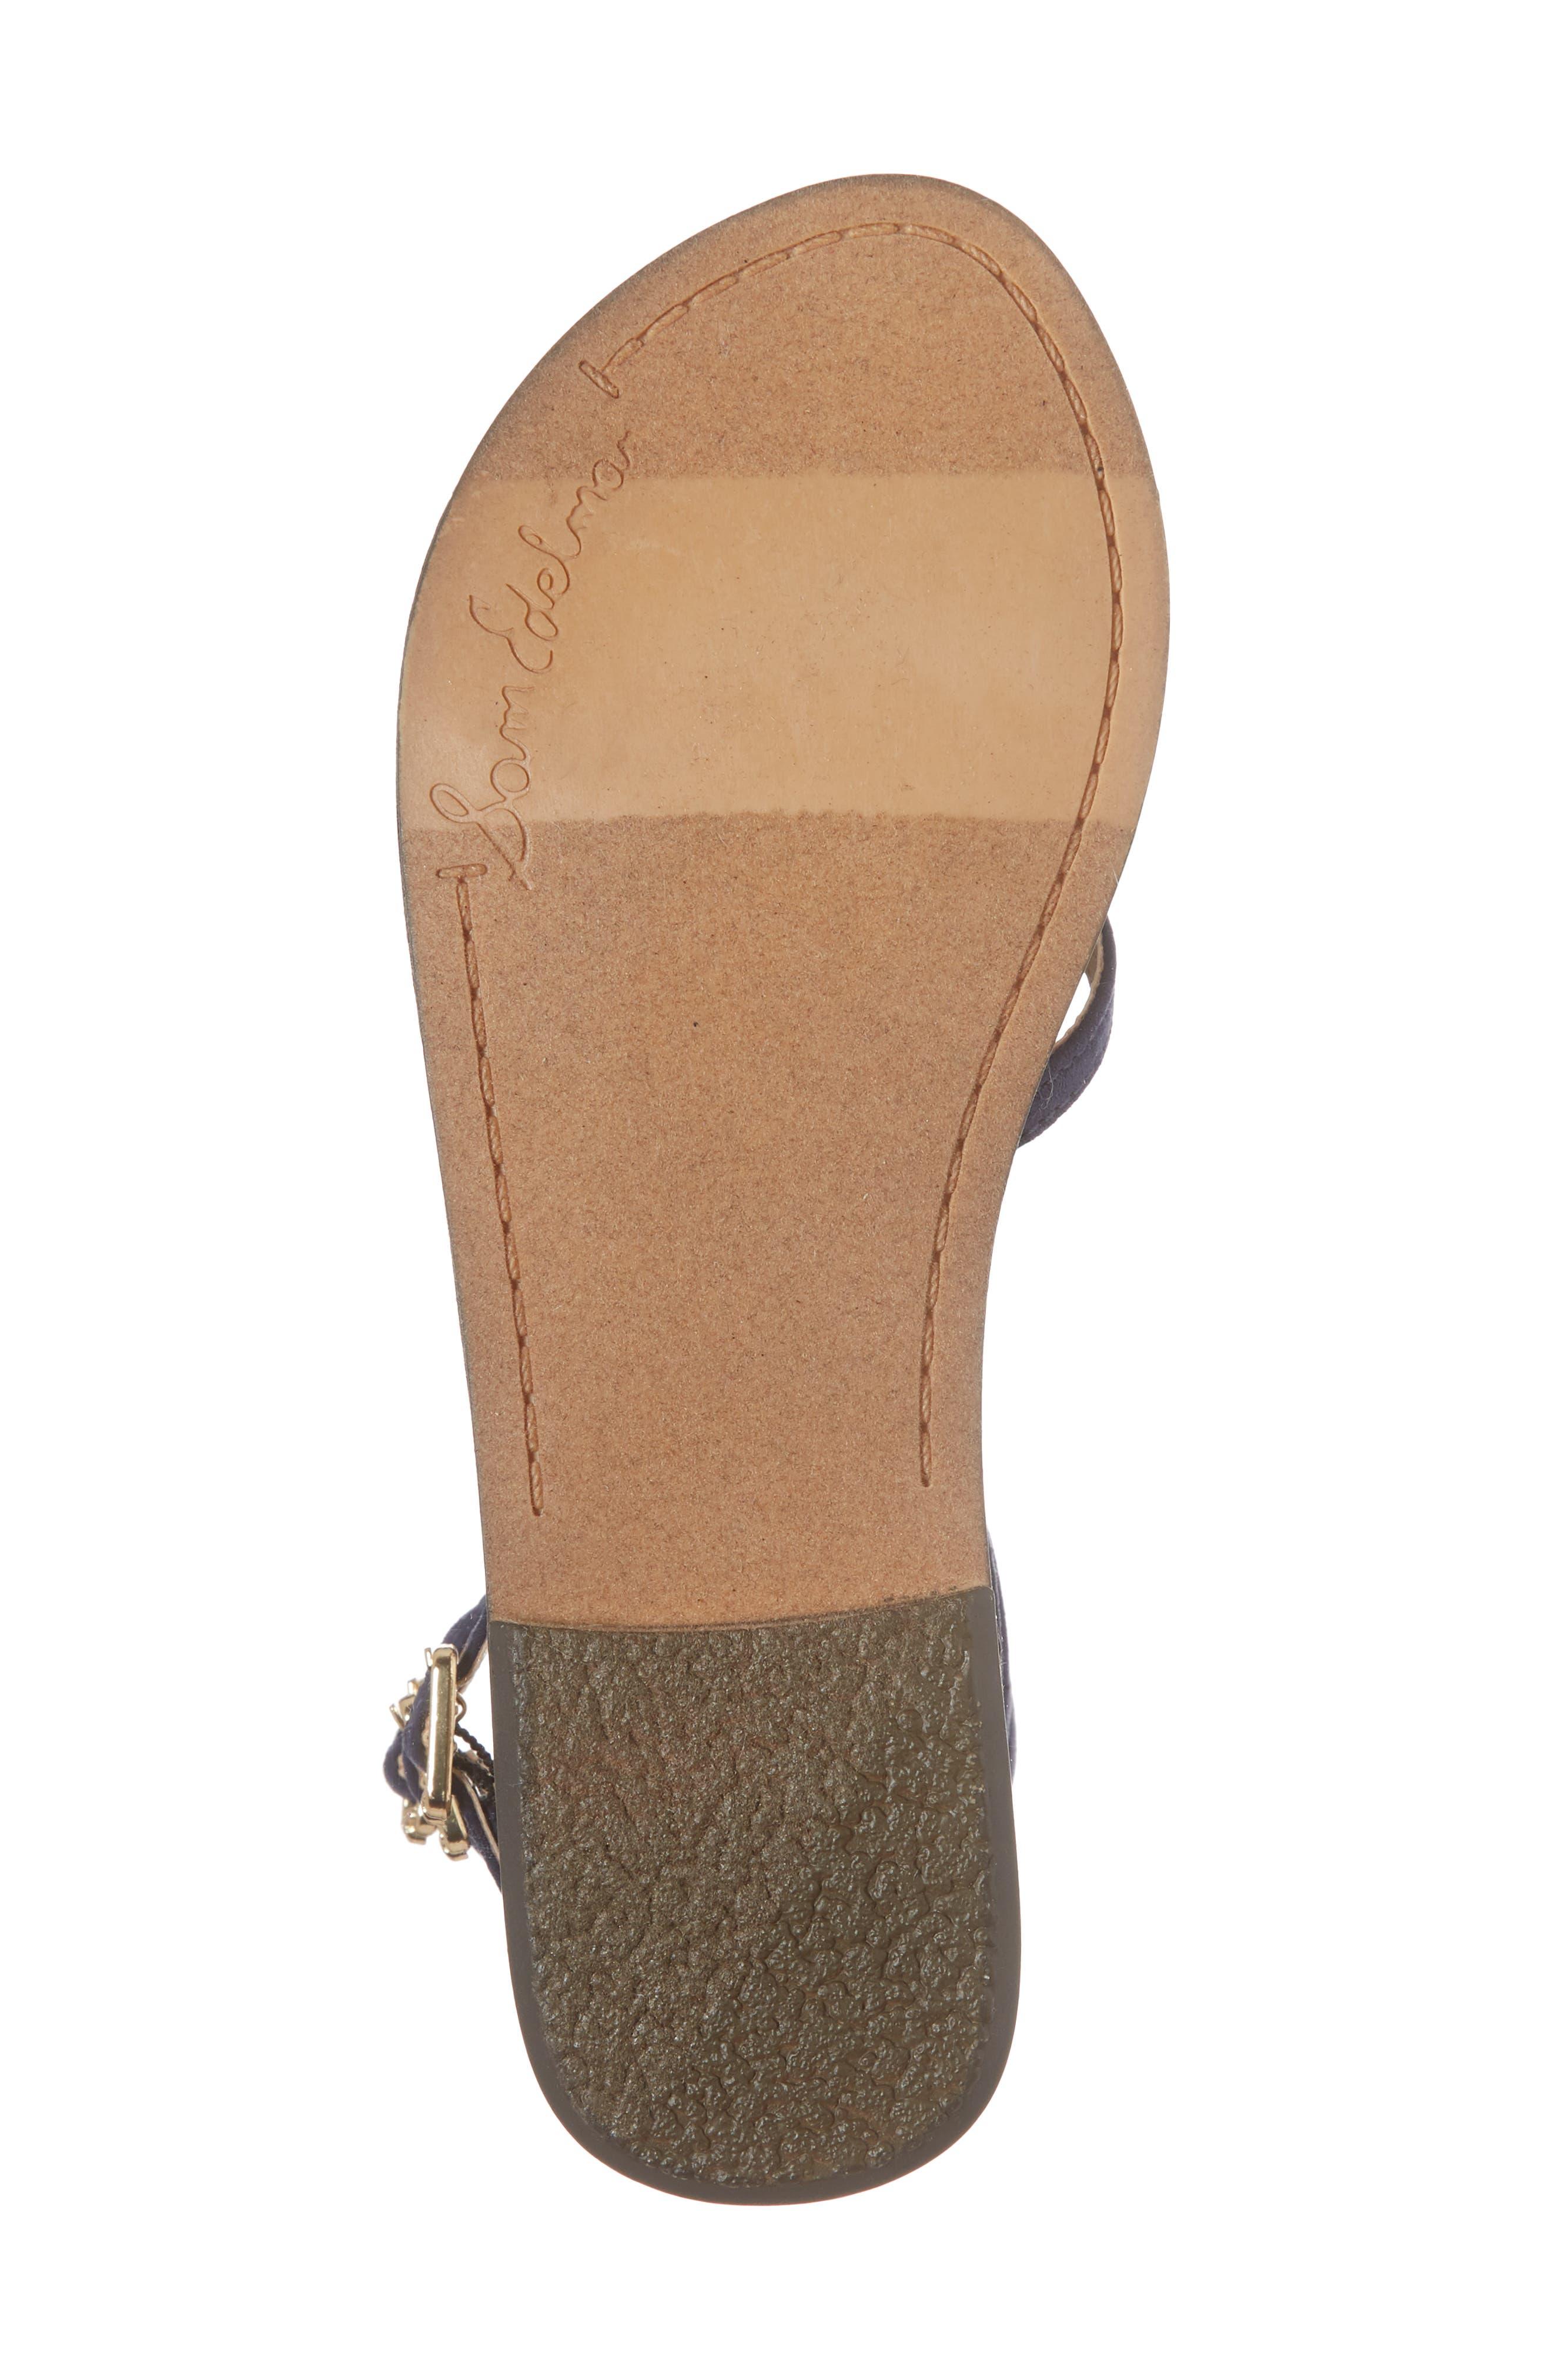 Gigi Giselle Embellished Sandal,                             Alternate thumbnail 6, color,                             Navy Faux Suede